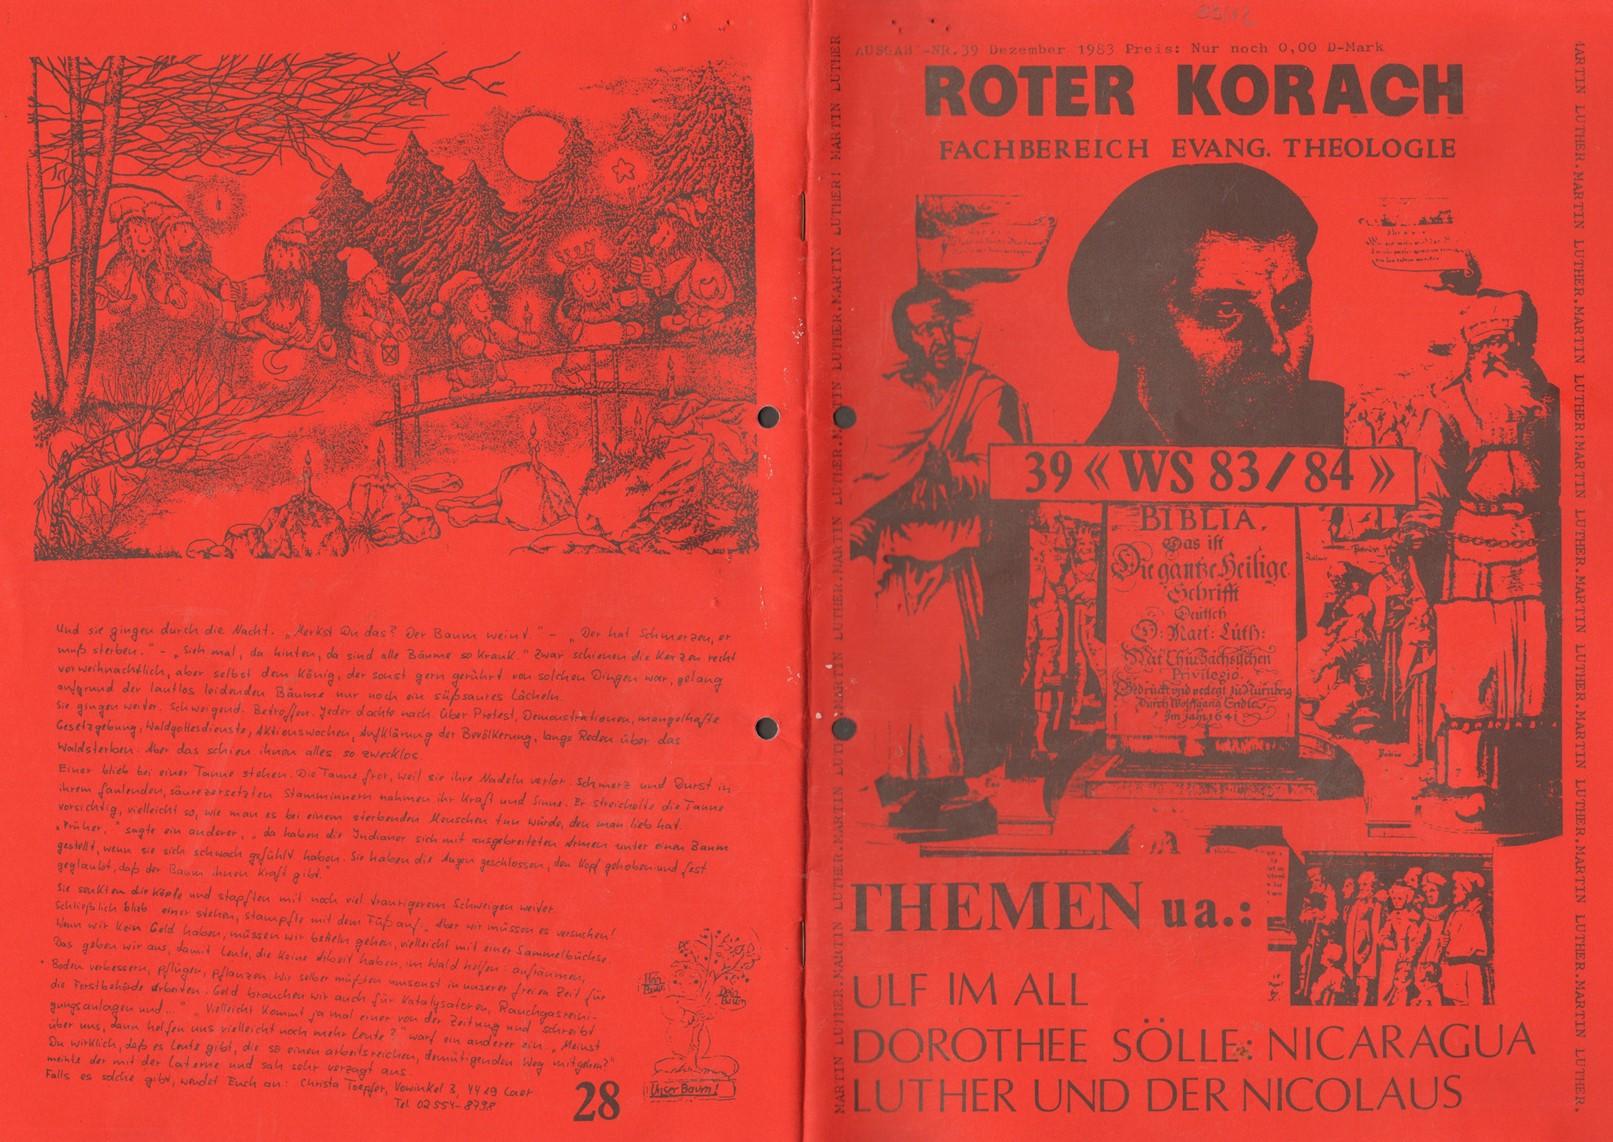 Muenster_Roter_Korach_19831200_01